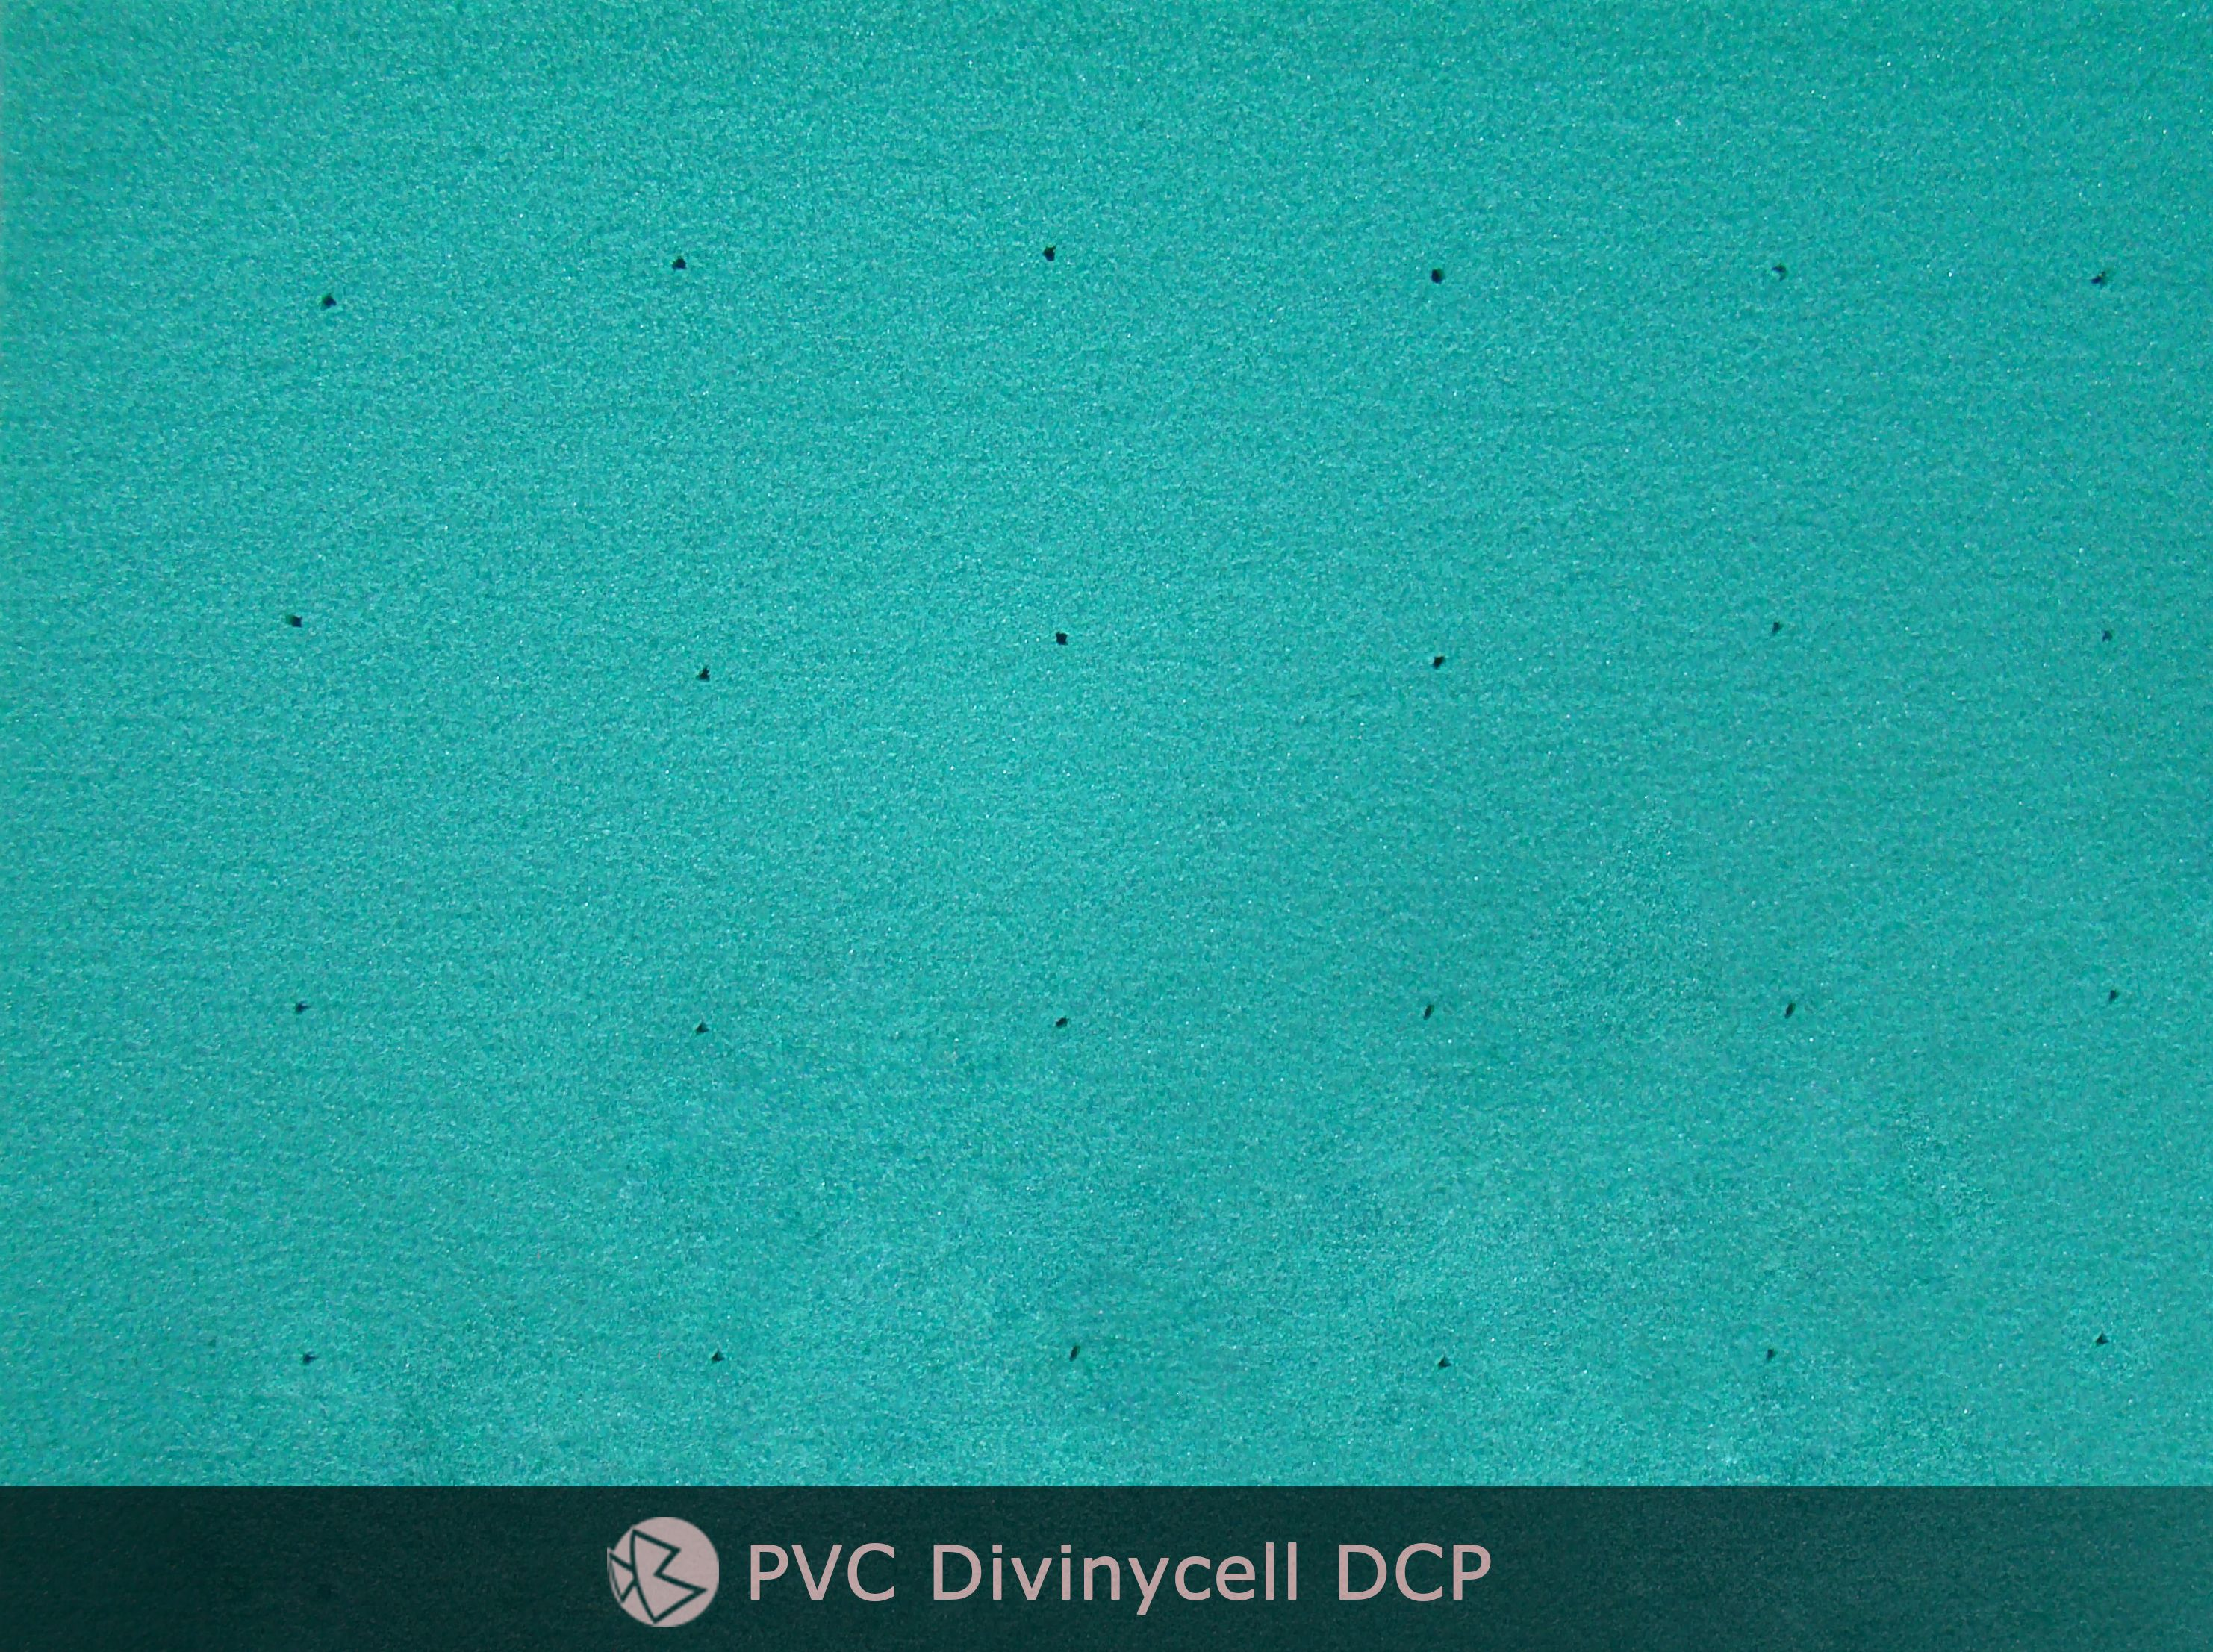 ::Espuma de PVC Divinycell DCP::  É fabricada de modo a proporcionar um fluxo desigual entre as faces do laminado, de forma a minimizar os efeitos de print-thru nos laminados produzidos pelo processo de infusão a vácuo. Apresenta uma face ranhurada e outra lisa com perfurações, recomendada para laminação de baixa espessura com tecidos leves.  http://barracudacomposites.com.br/prod_espuma_pvc.htm  #Vitrine #EspumaDePVC #Sandwich #HighTech